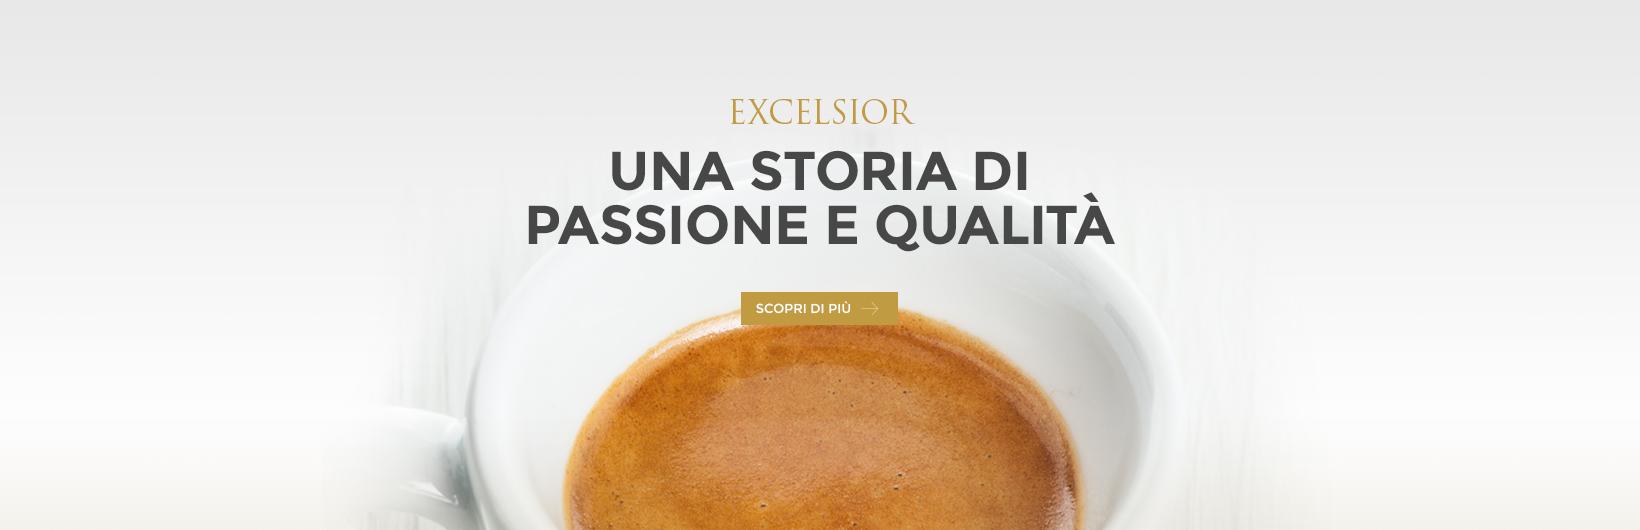 Banner_Excelsior